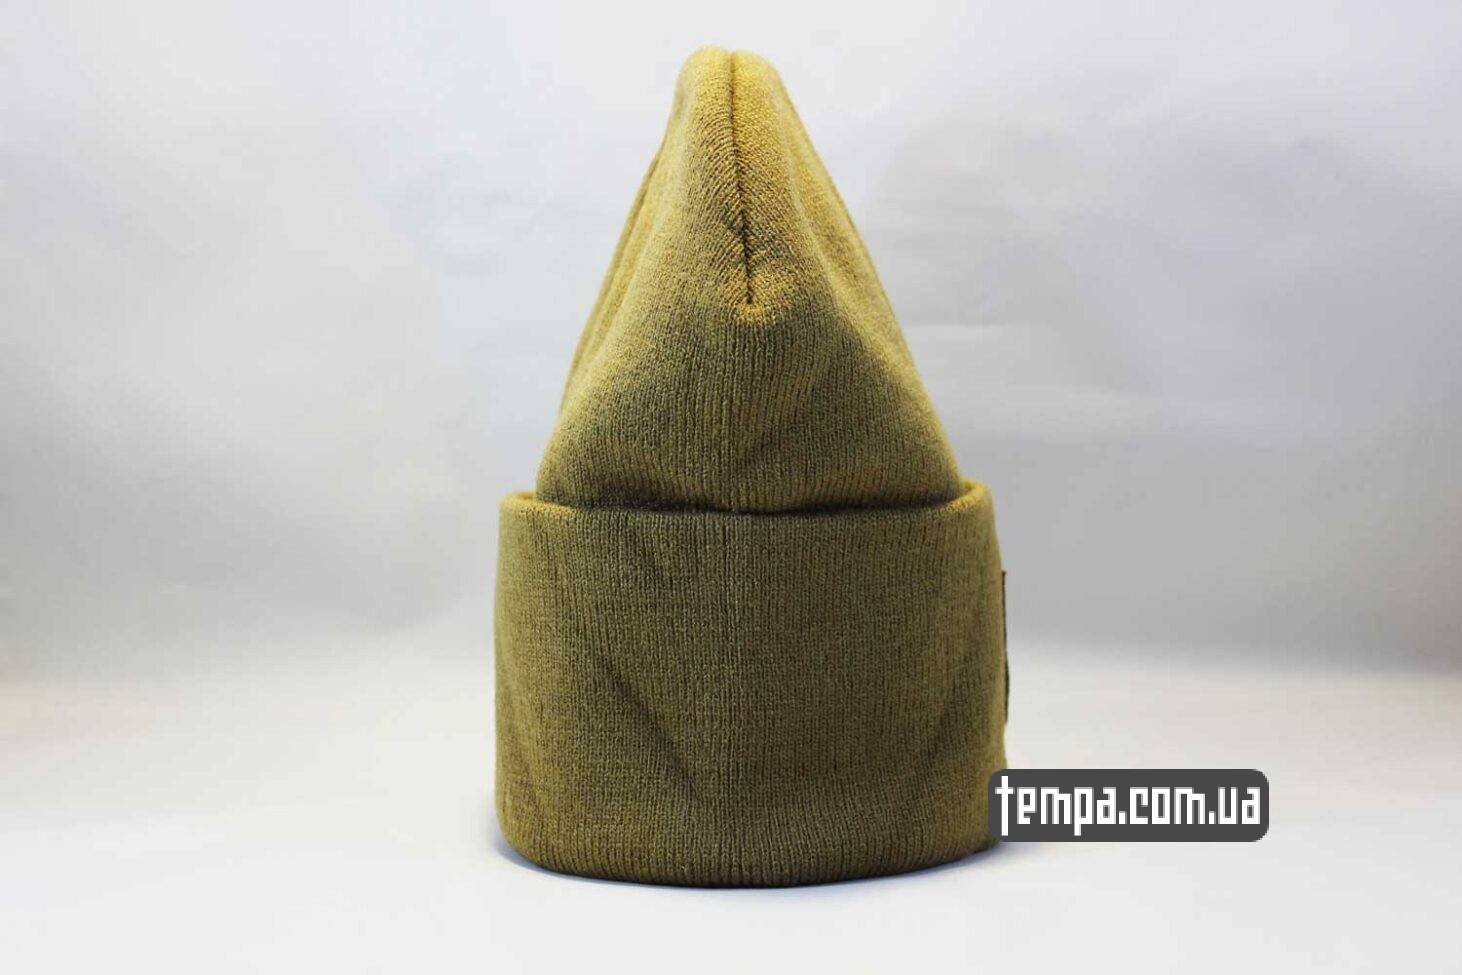 купить оригинал шапка beanie North Face желтая Норс Фейс Украина